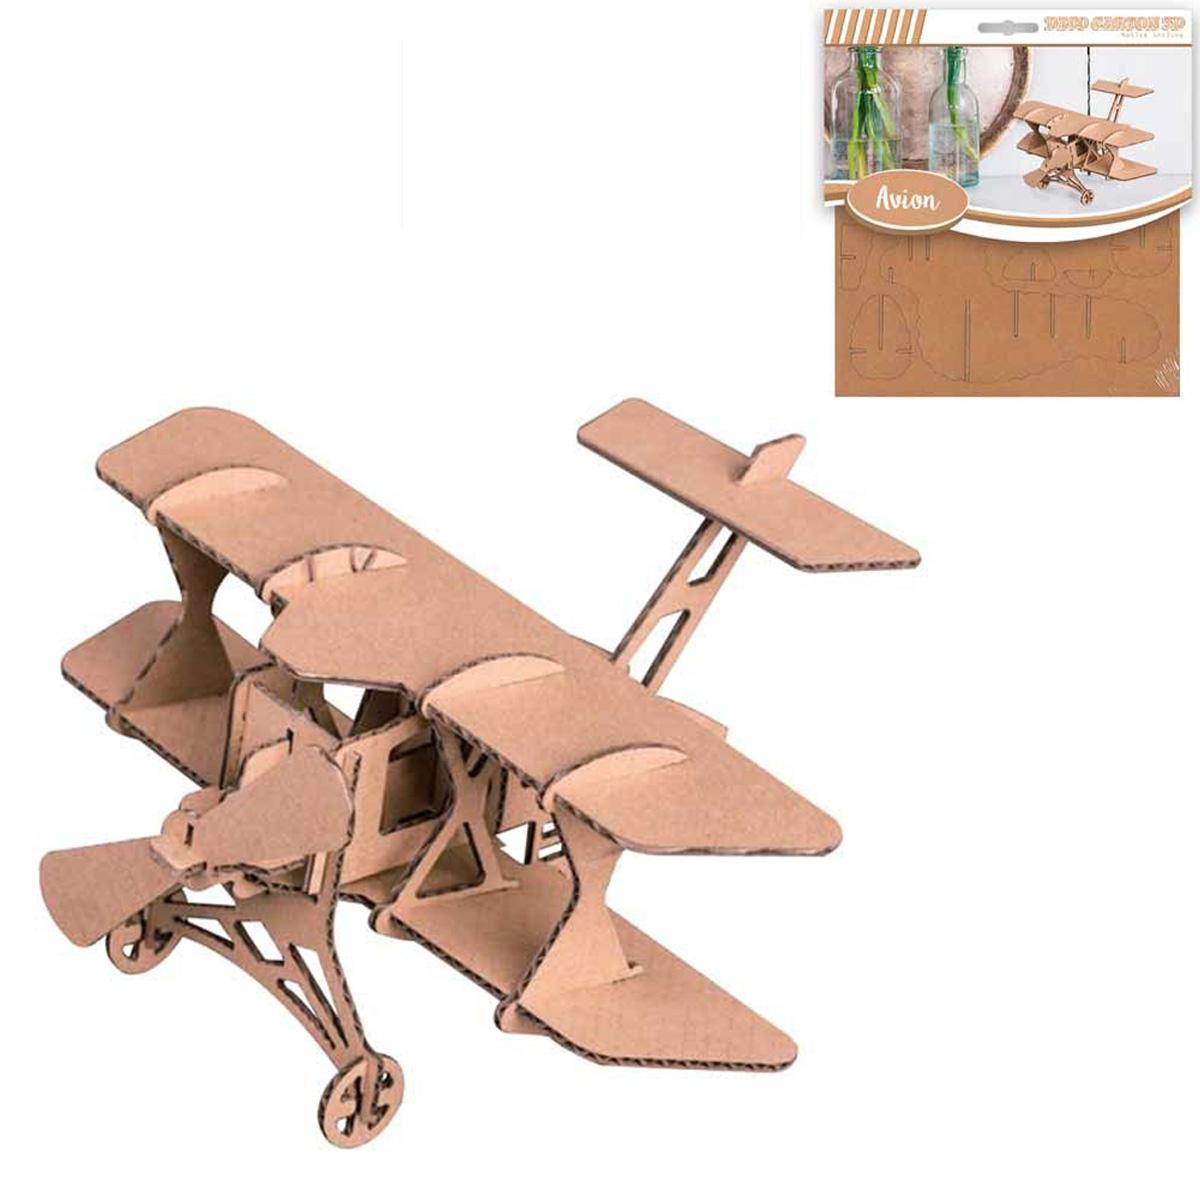 Figurine carton 3D \'Avion\' - planches 165x175 cm - [Q4559]